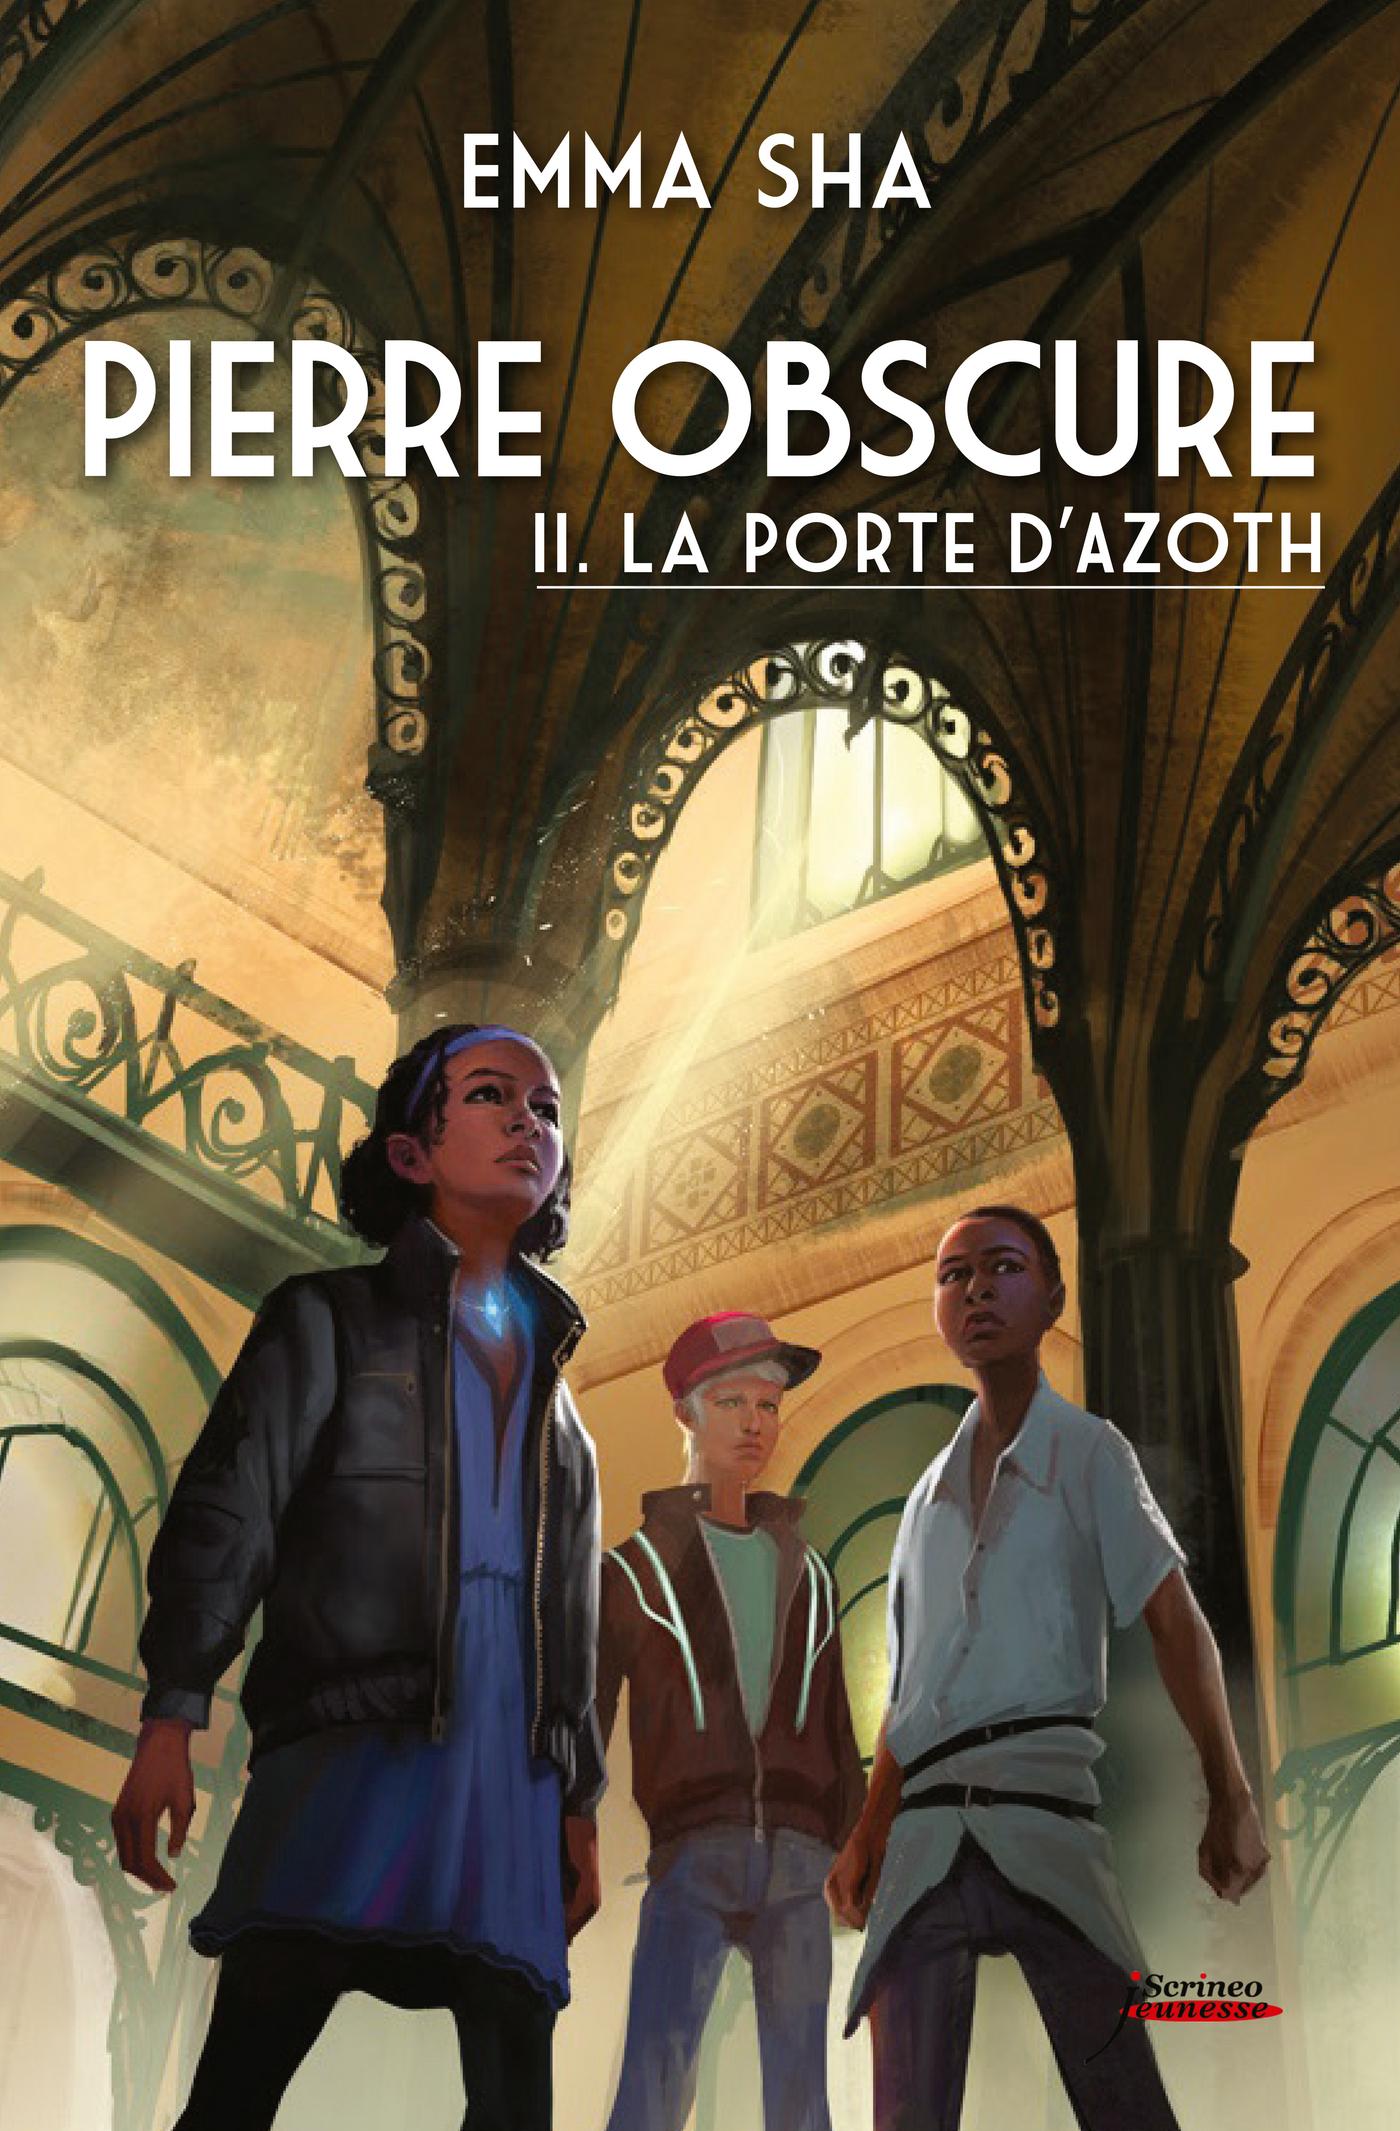 Pierre obscure - tome 02 : La porte d'Azoth